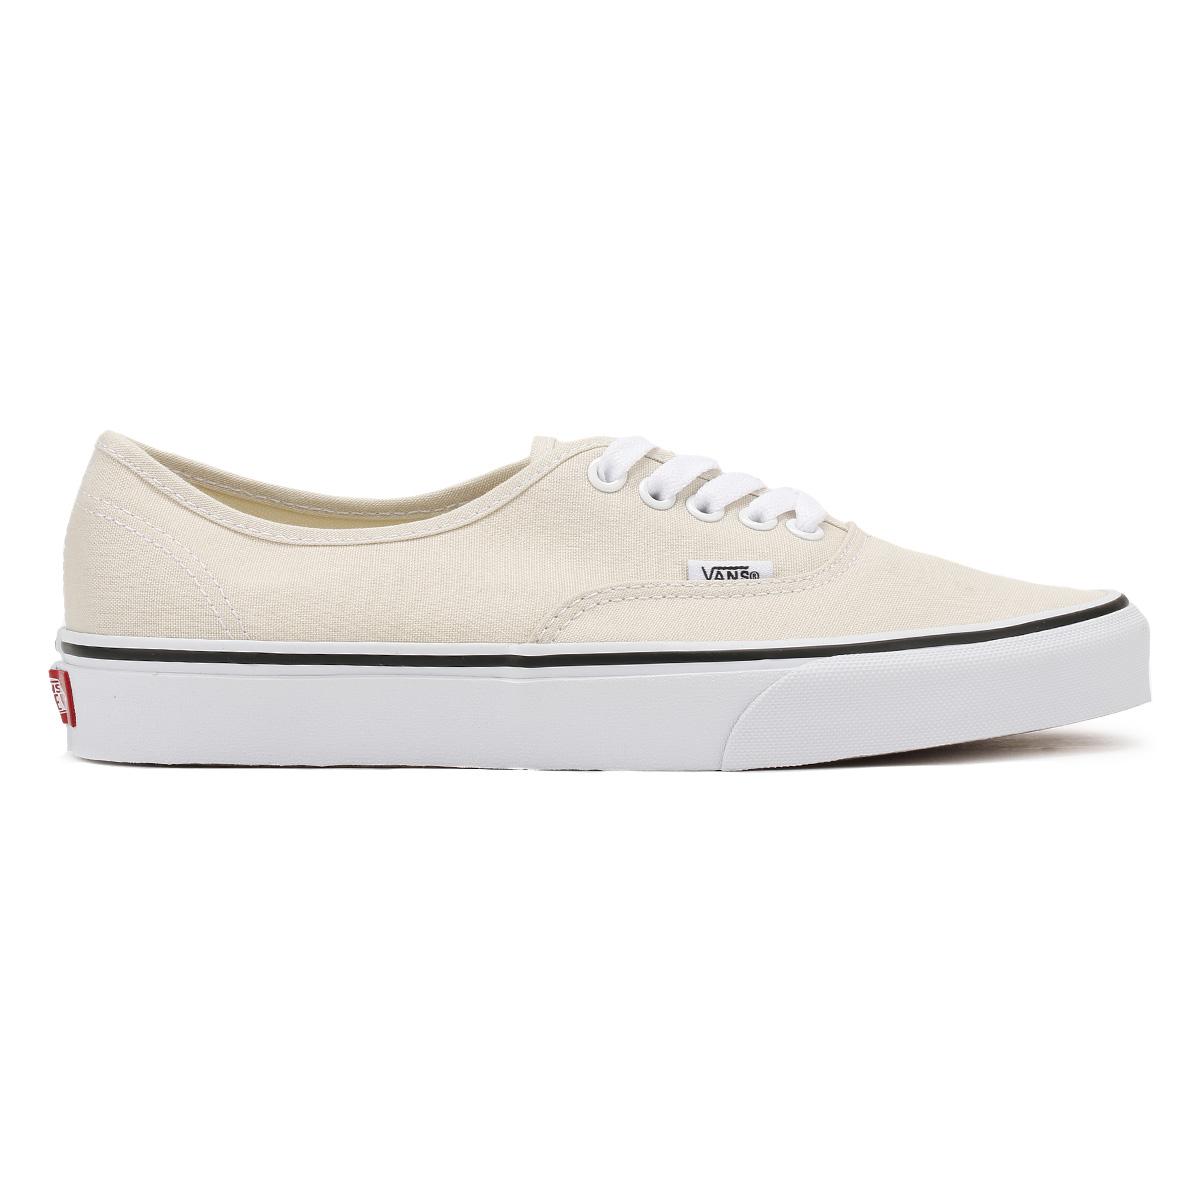 7170ceb052 Vans Unisex Birch Beige Authentic Trainers Lace Up Canvas Ladies Skate Shoes